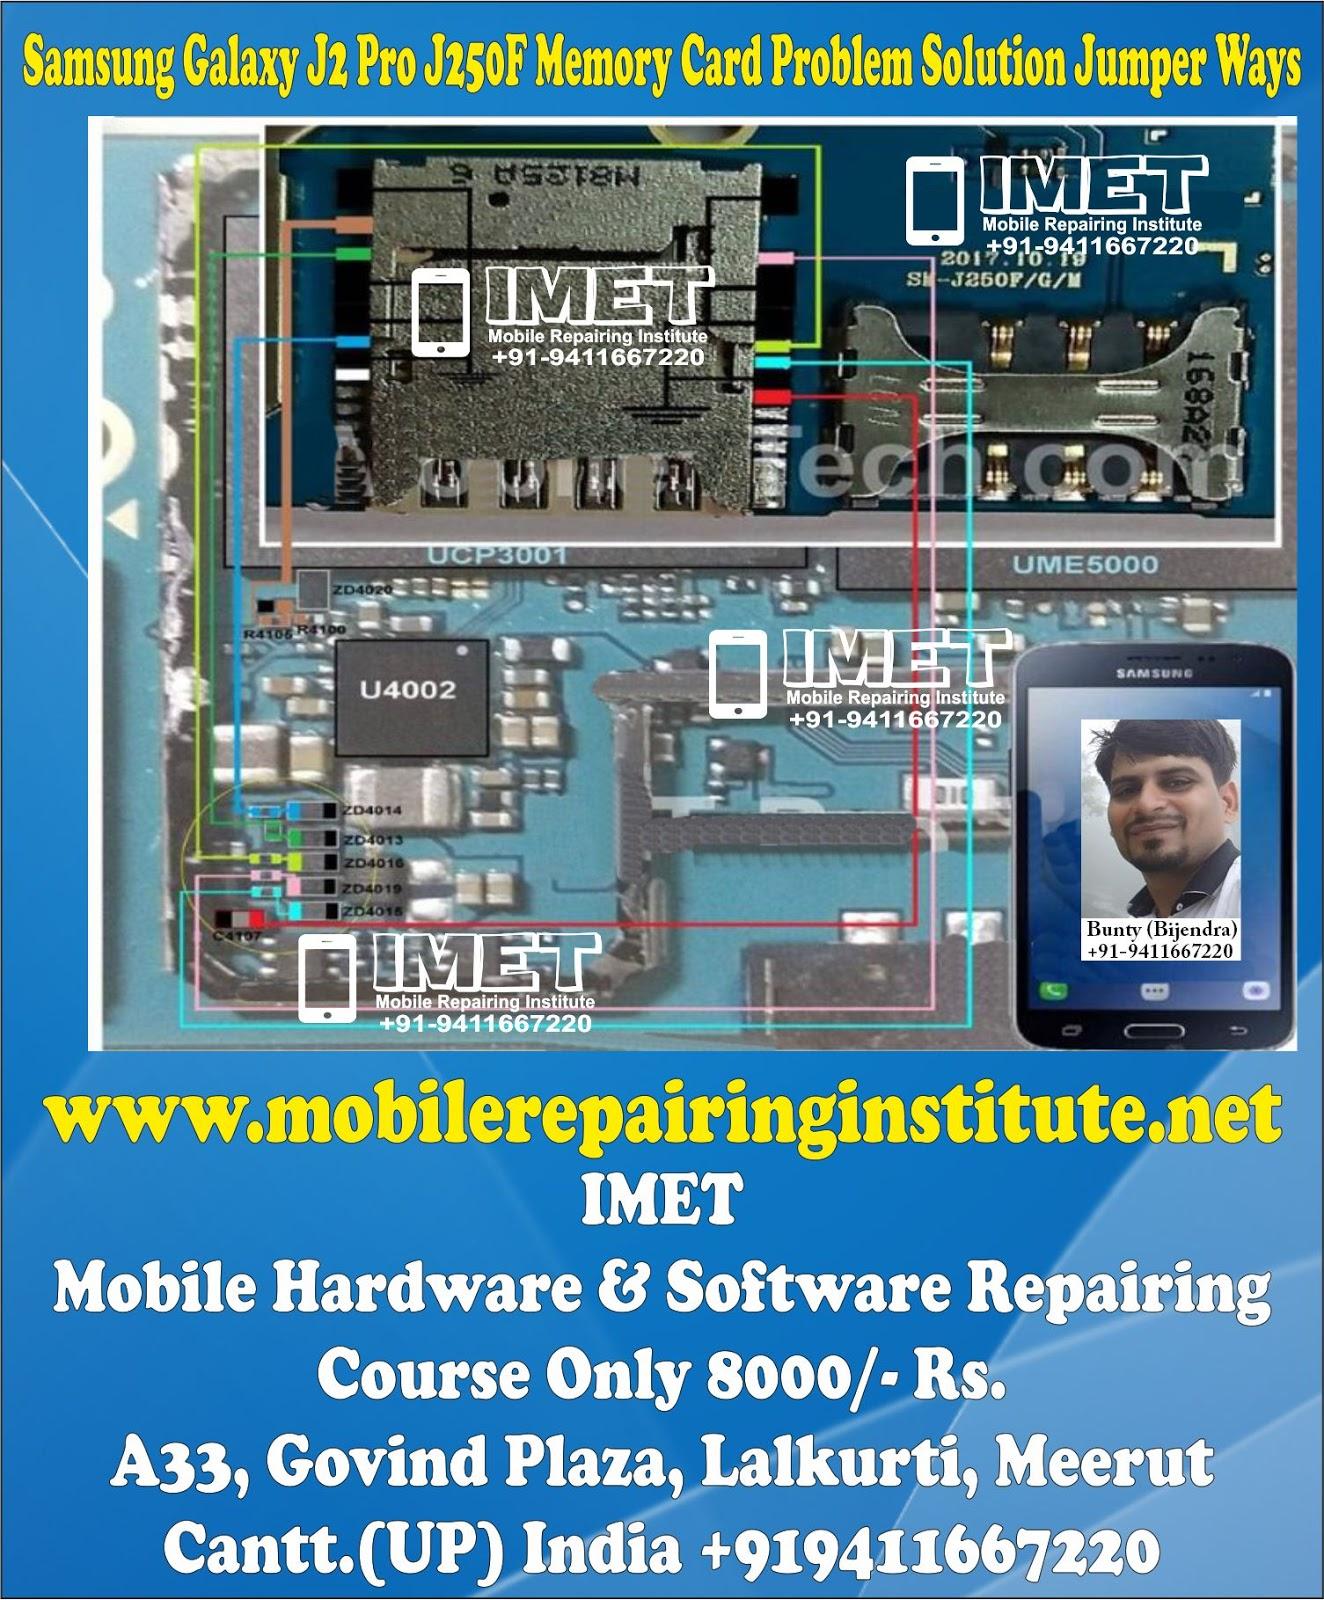 Samsung Galaxy J2 Pro J250F Memory Card Problem Solution Jumper Ways